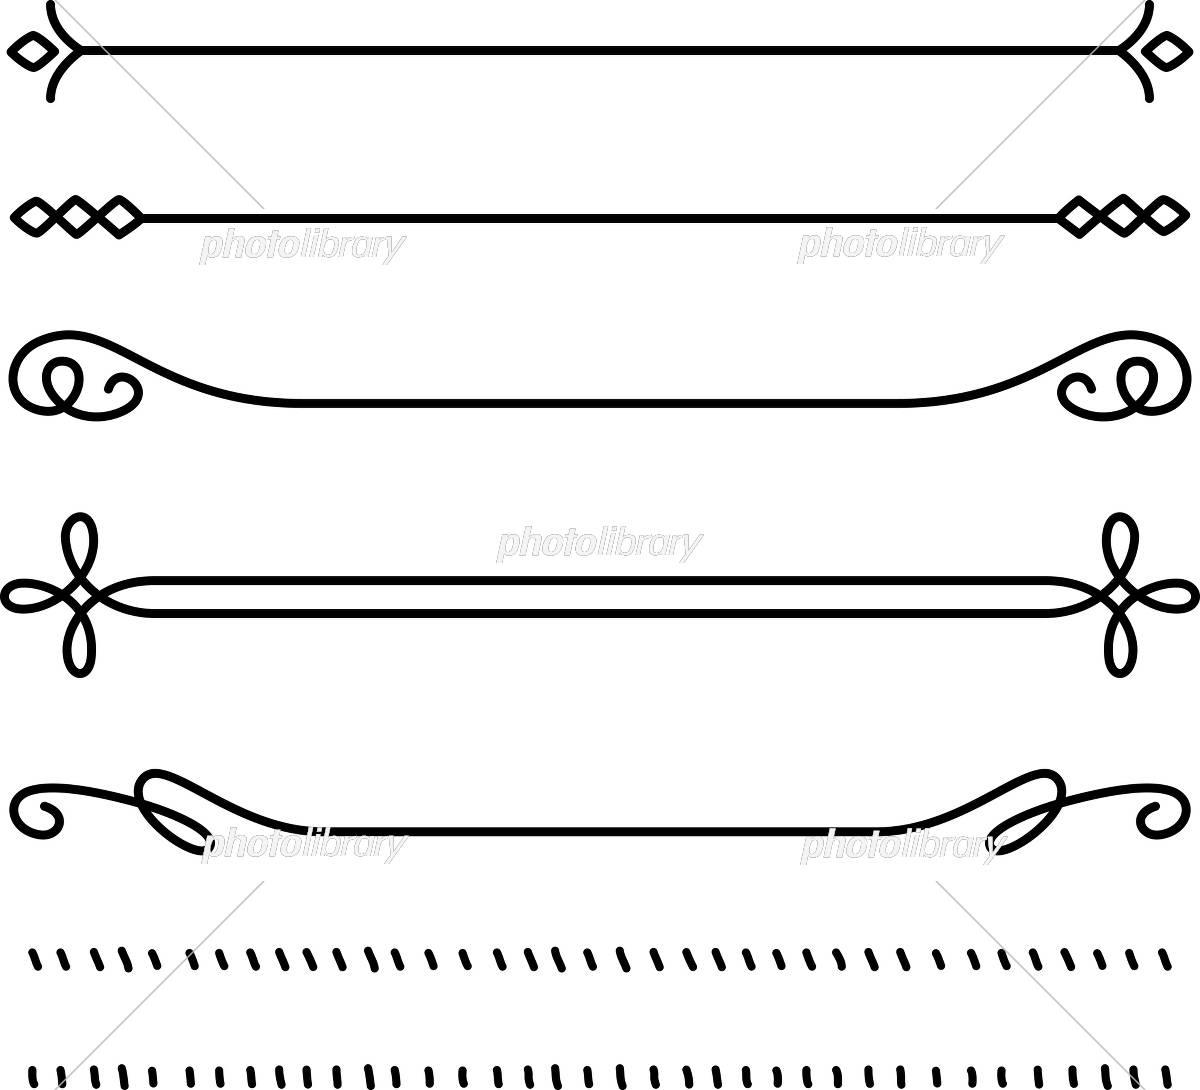 飾り線のセット イラスト素材 [ 5546697 ] - フォトライブラリー